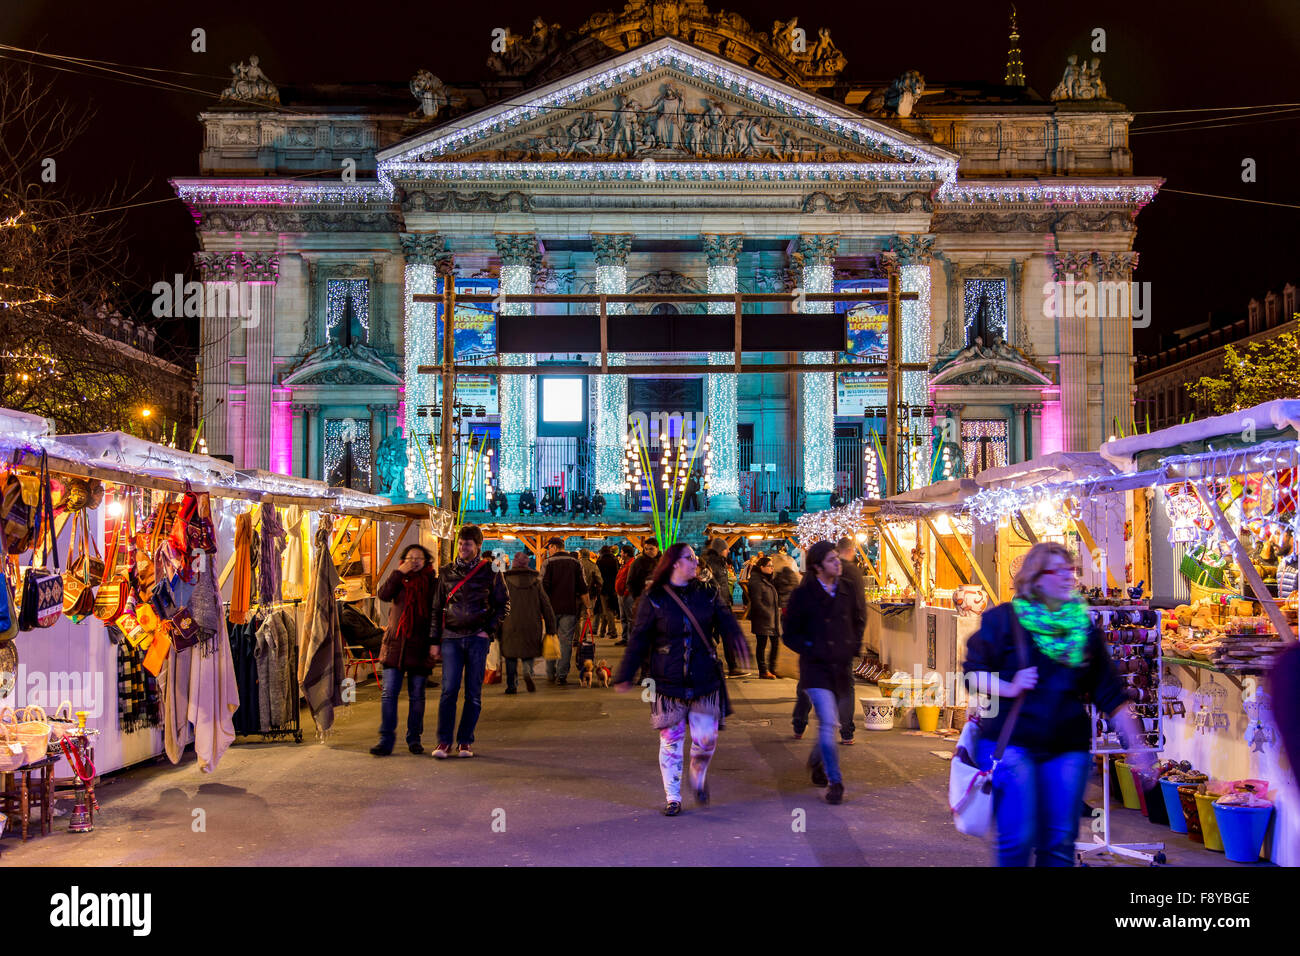 Weihnachtszeit in Brüssel, Belgien, Weihnachtsmärkte und Beleuchtung in der Altstadt, Börse Plaza, Stockbild